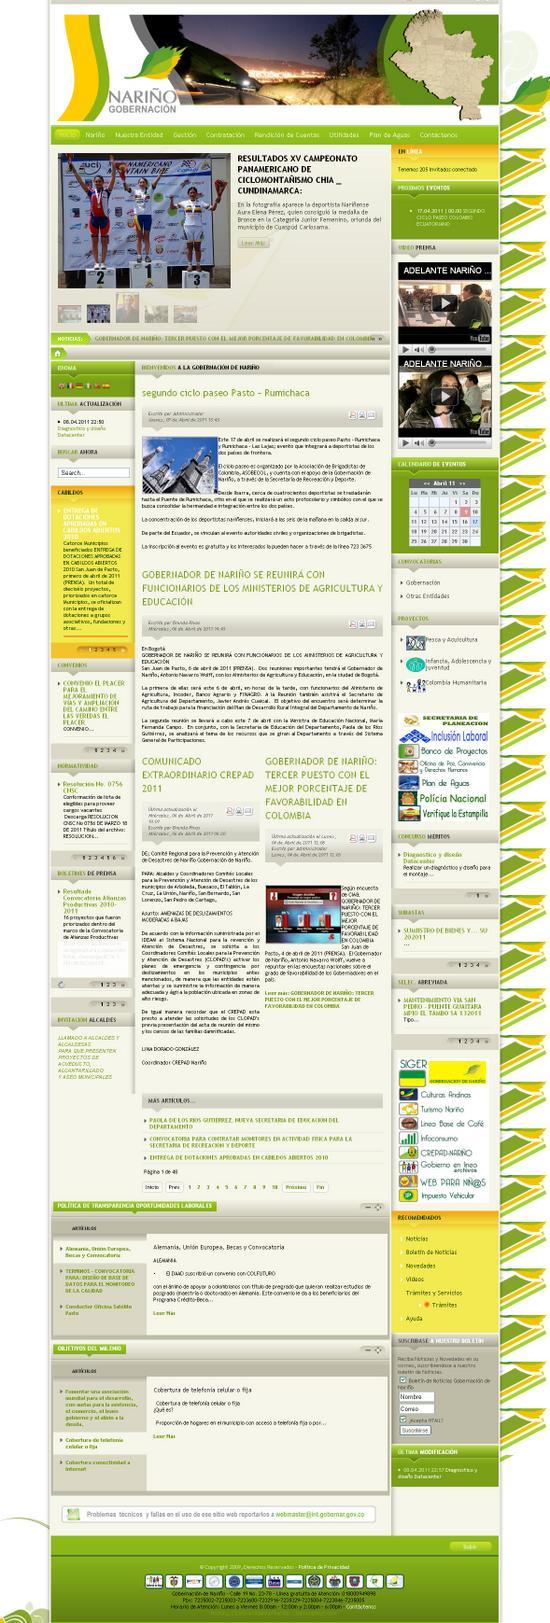 Sitio oficial gobernación de Nariño